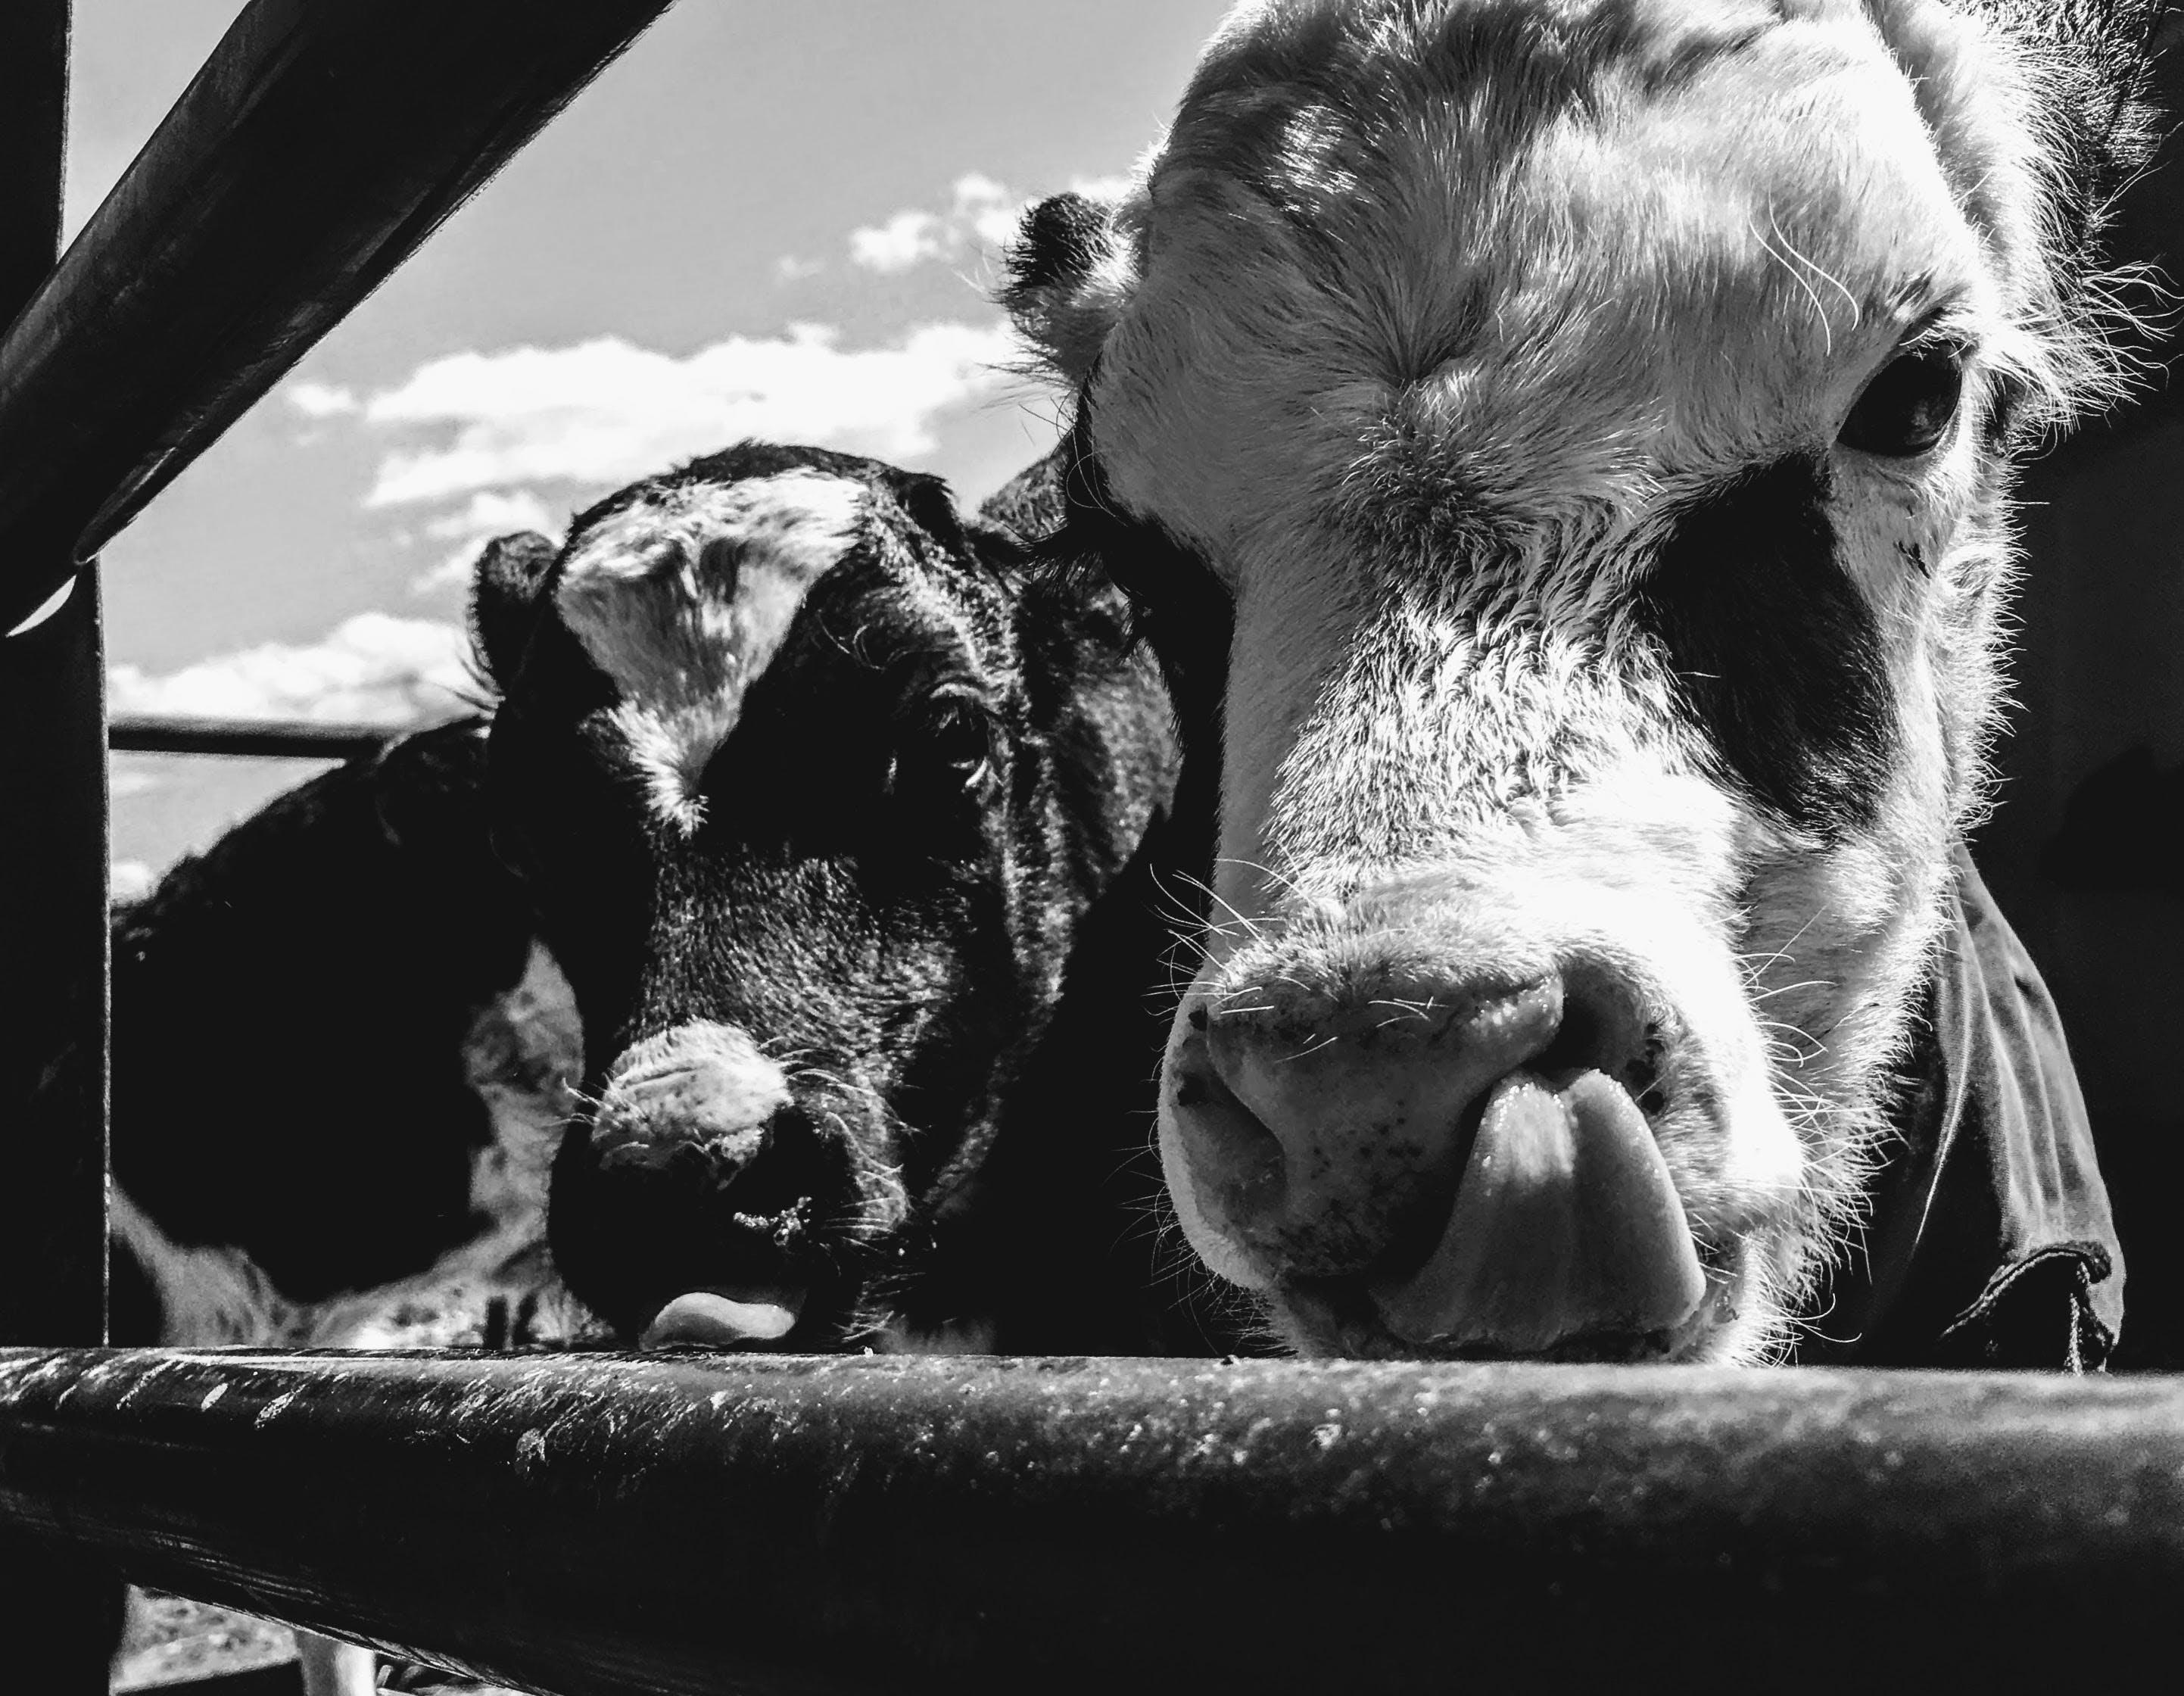 คลังภาพถ่ายฟรี ของ การทำฟาร์ม, ขาวดำ, ทุ่งหญ้า, ทุ่งหญ้าเลี้ยงสัตว์